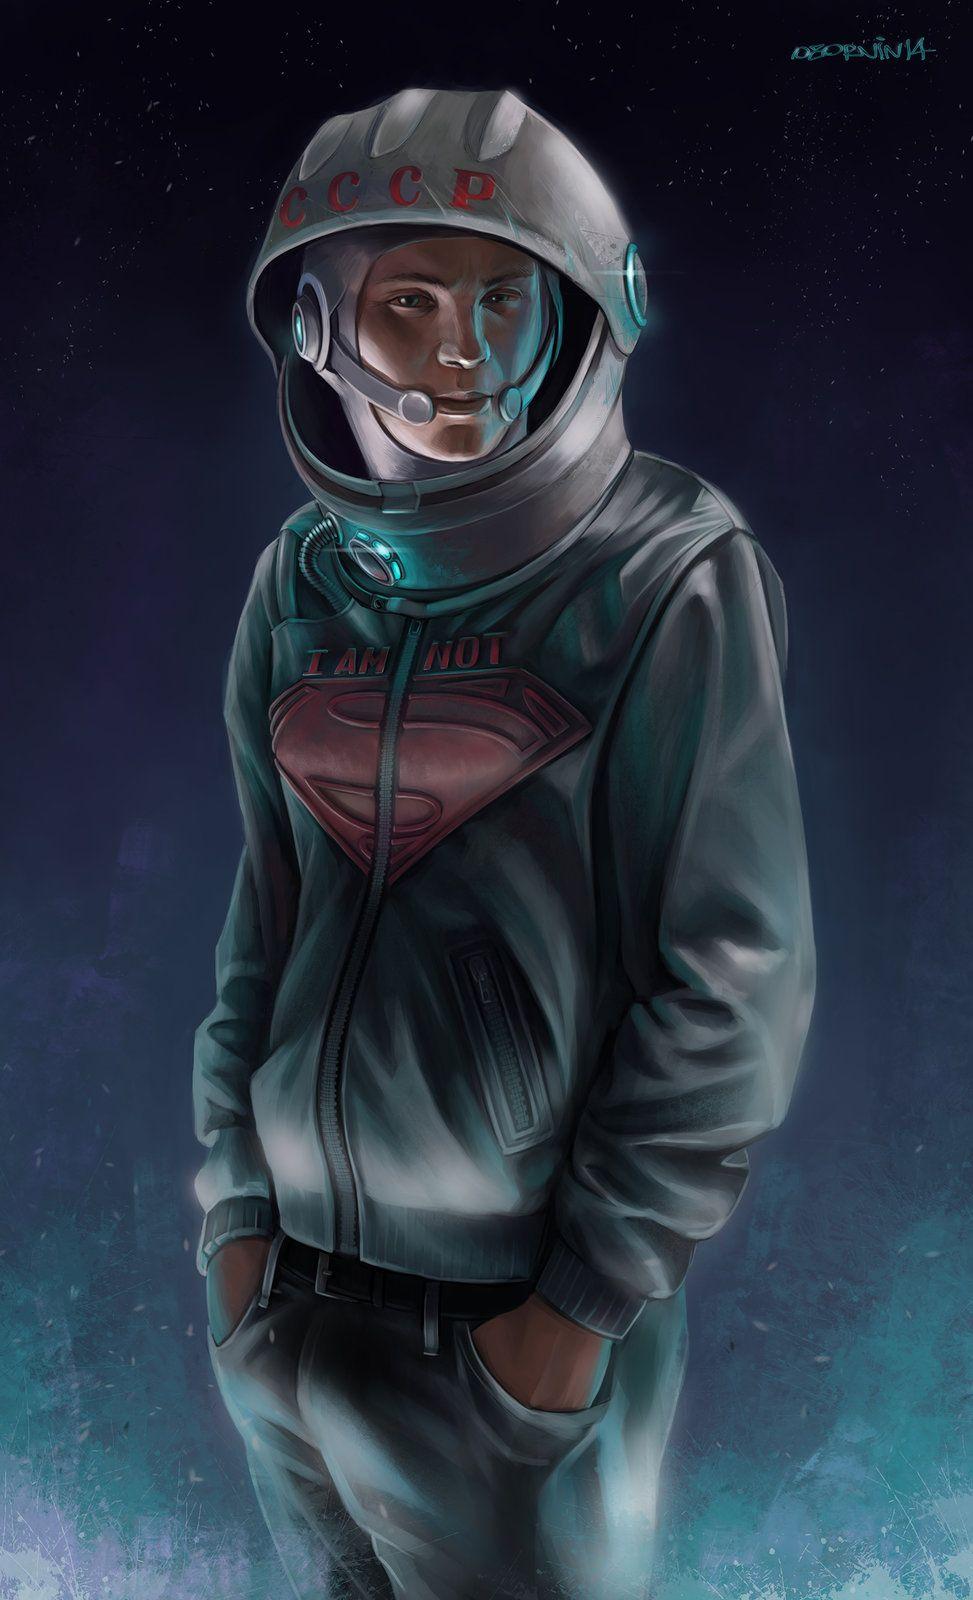 I am not superman, Ilya Ozornin on ArtStation at https://www.artstation.com/artwork/i-am-not-superman